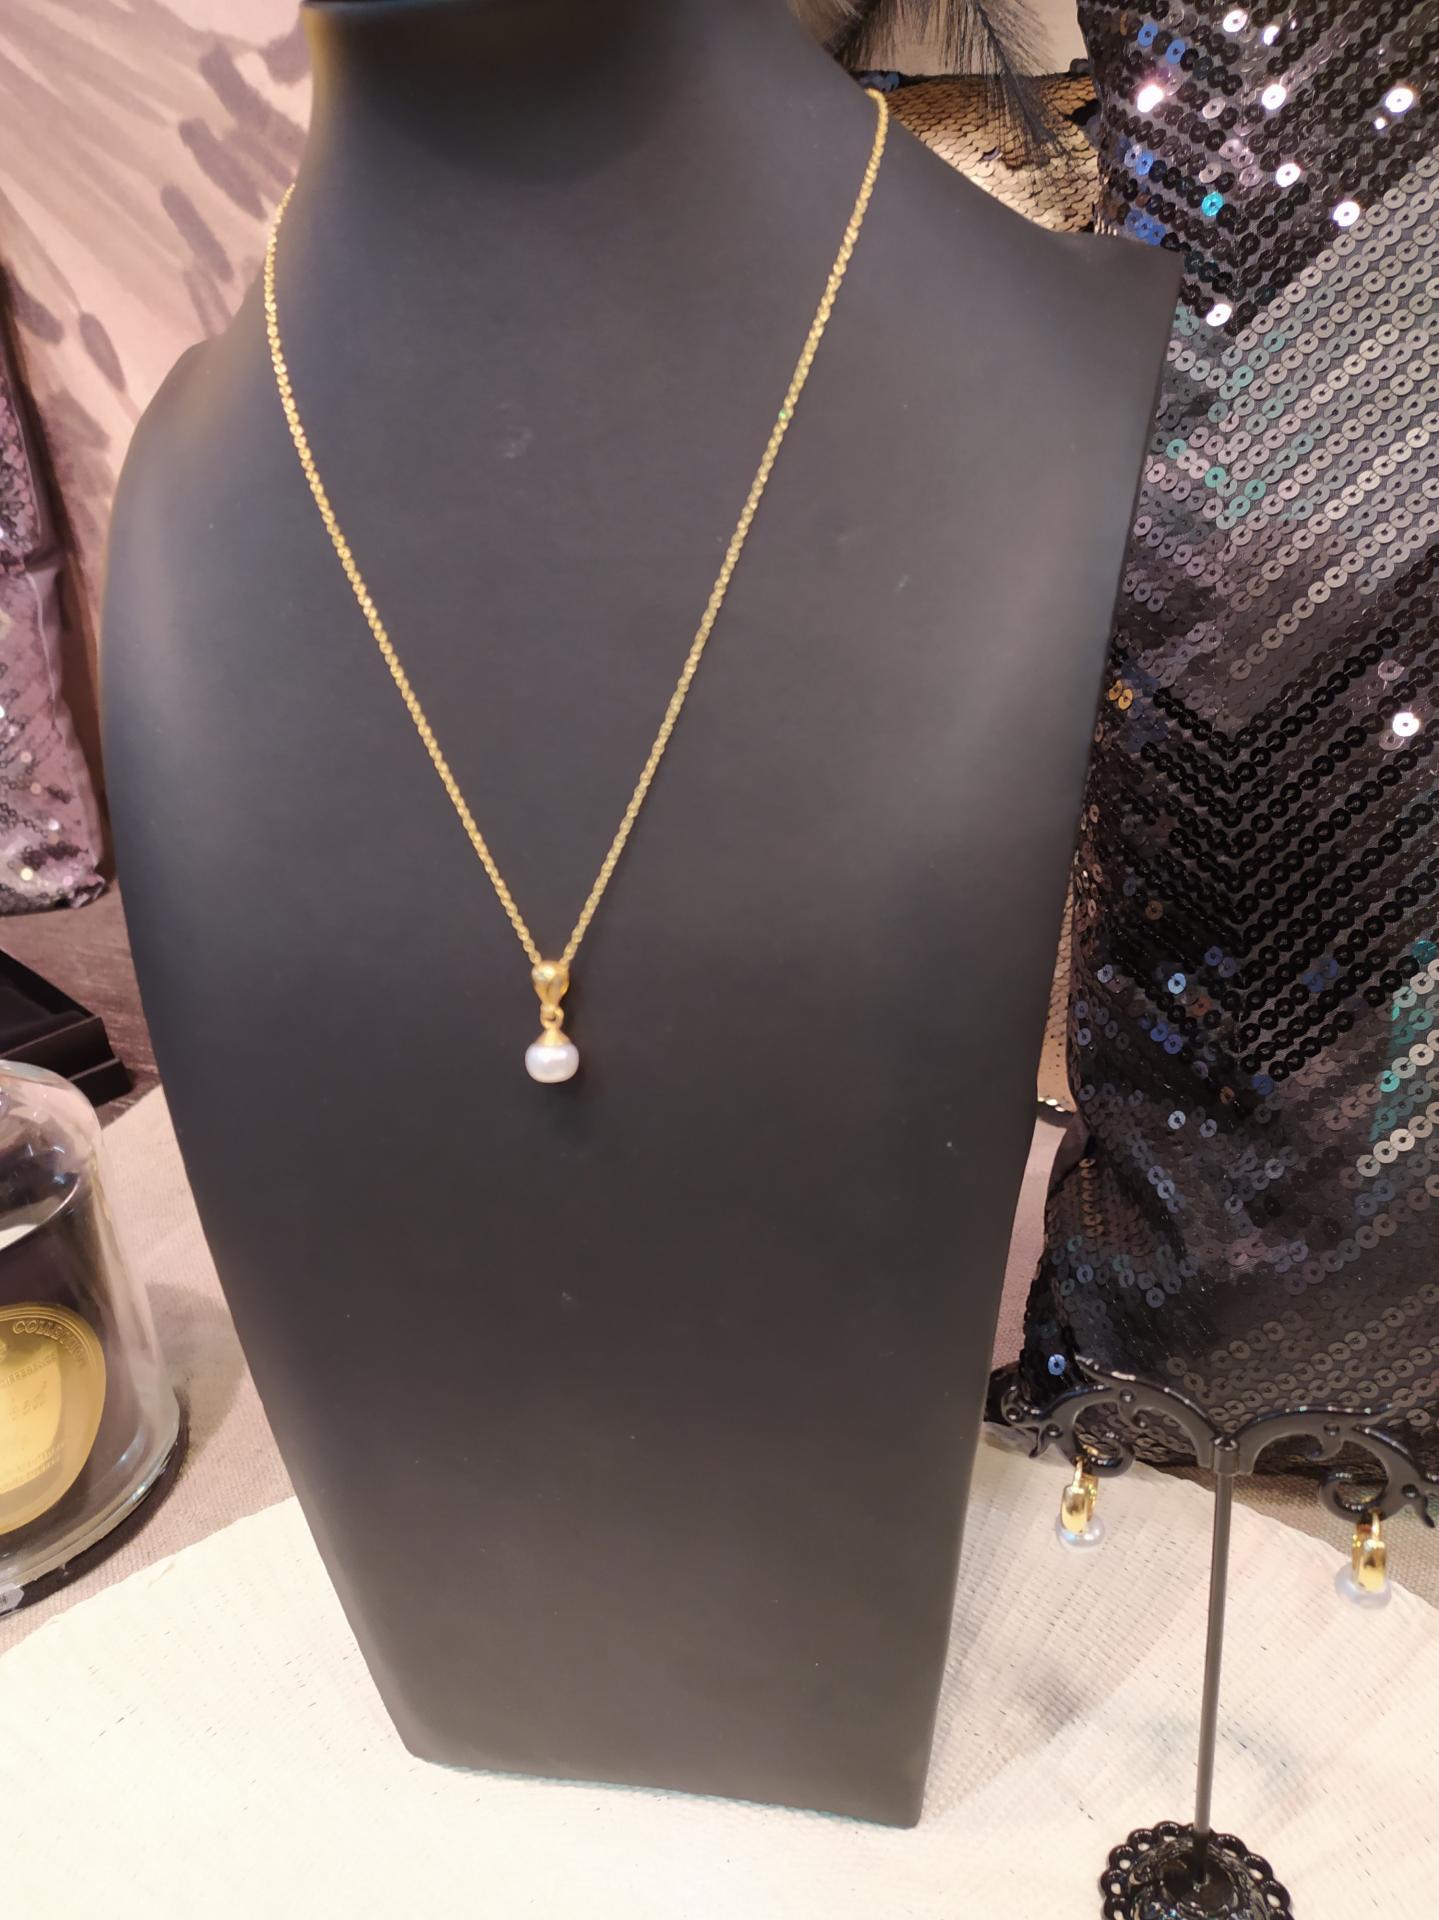 Collier ref 251 1 66 gr prix 57 eur longueur de la chaine 44 cm et pendentif 2 cm perles environ 8 mm 1